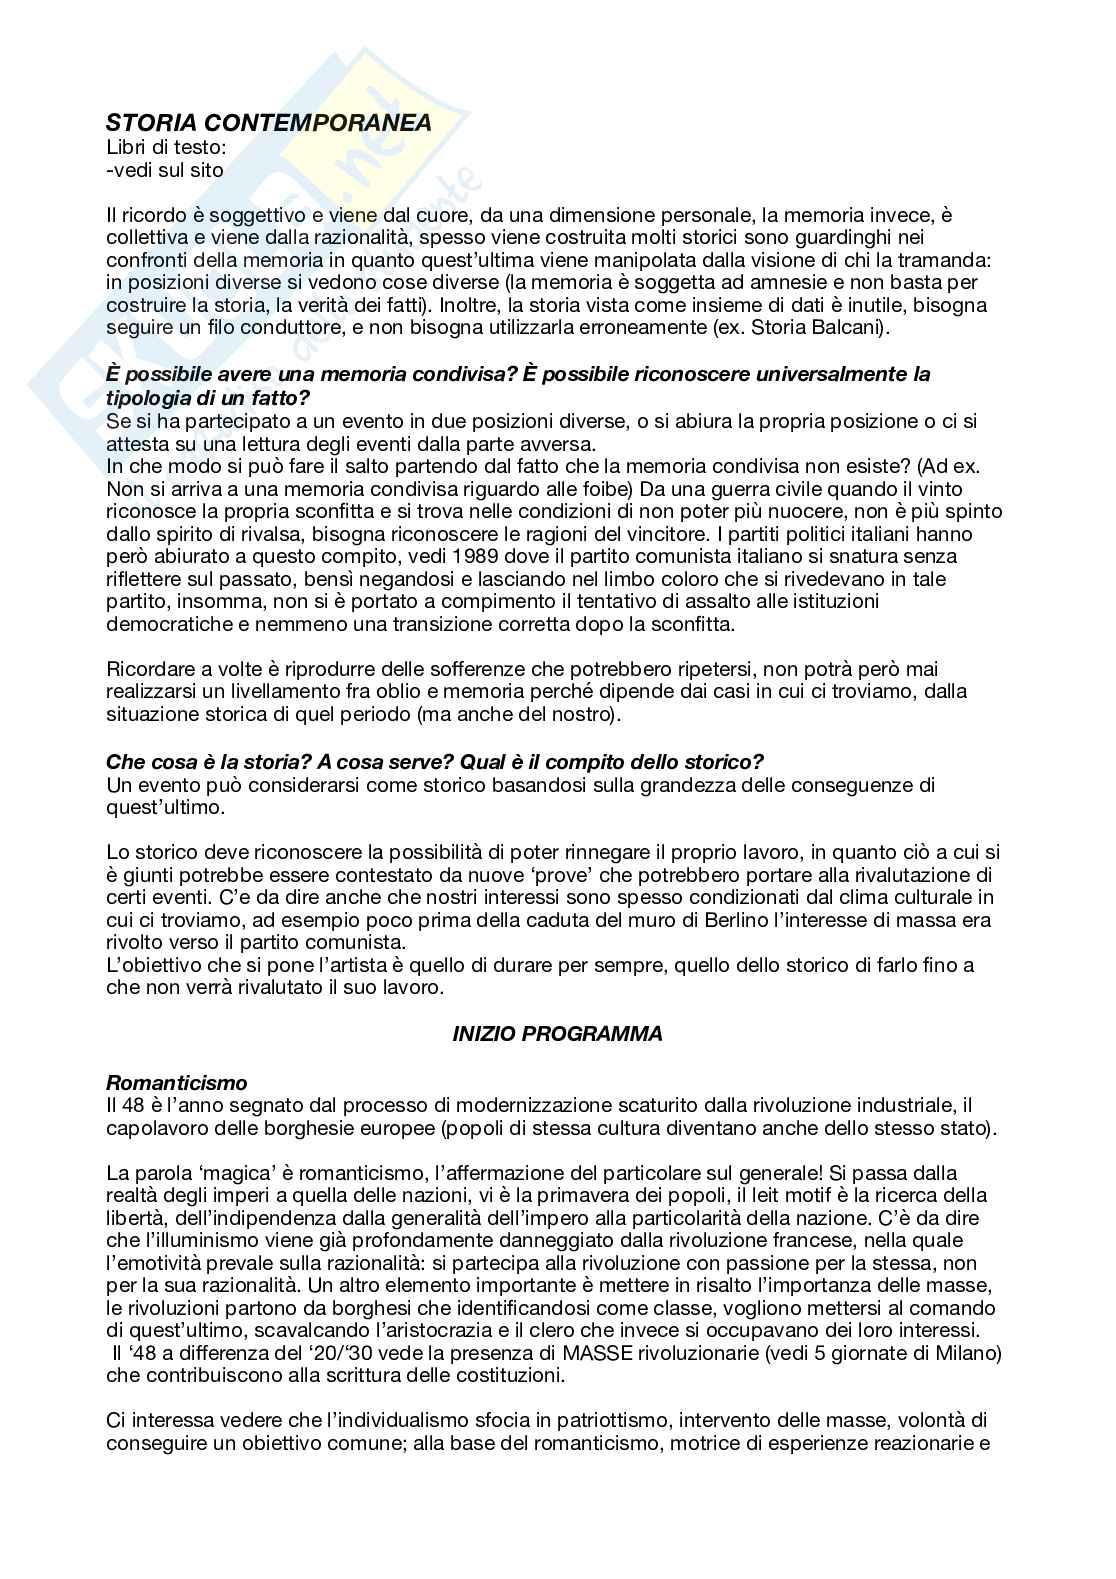 Appunti riassuntivi del corso di storia contemporanea per studenti del SID e di Scienze Politiche (prof. Pietro Neglie)